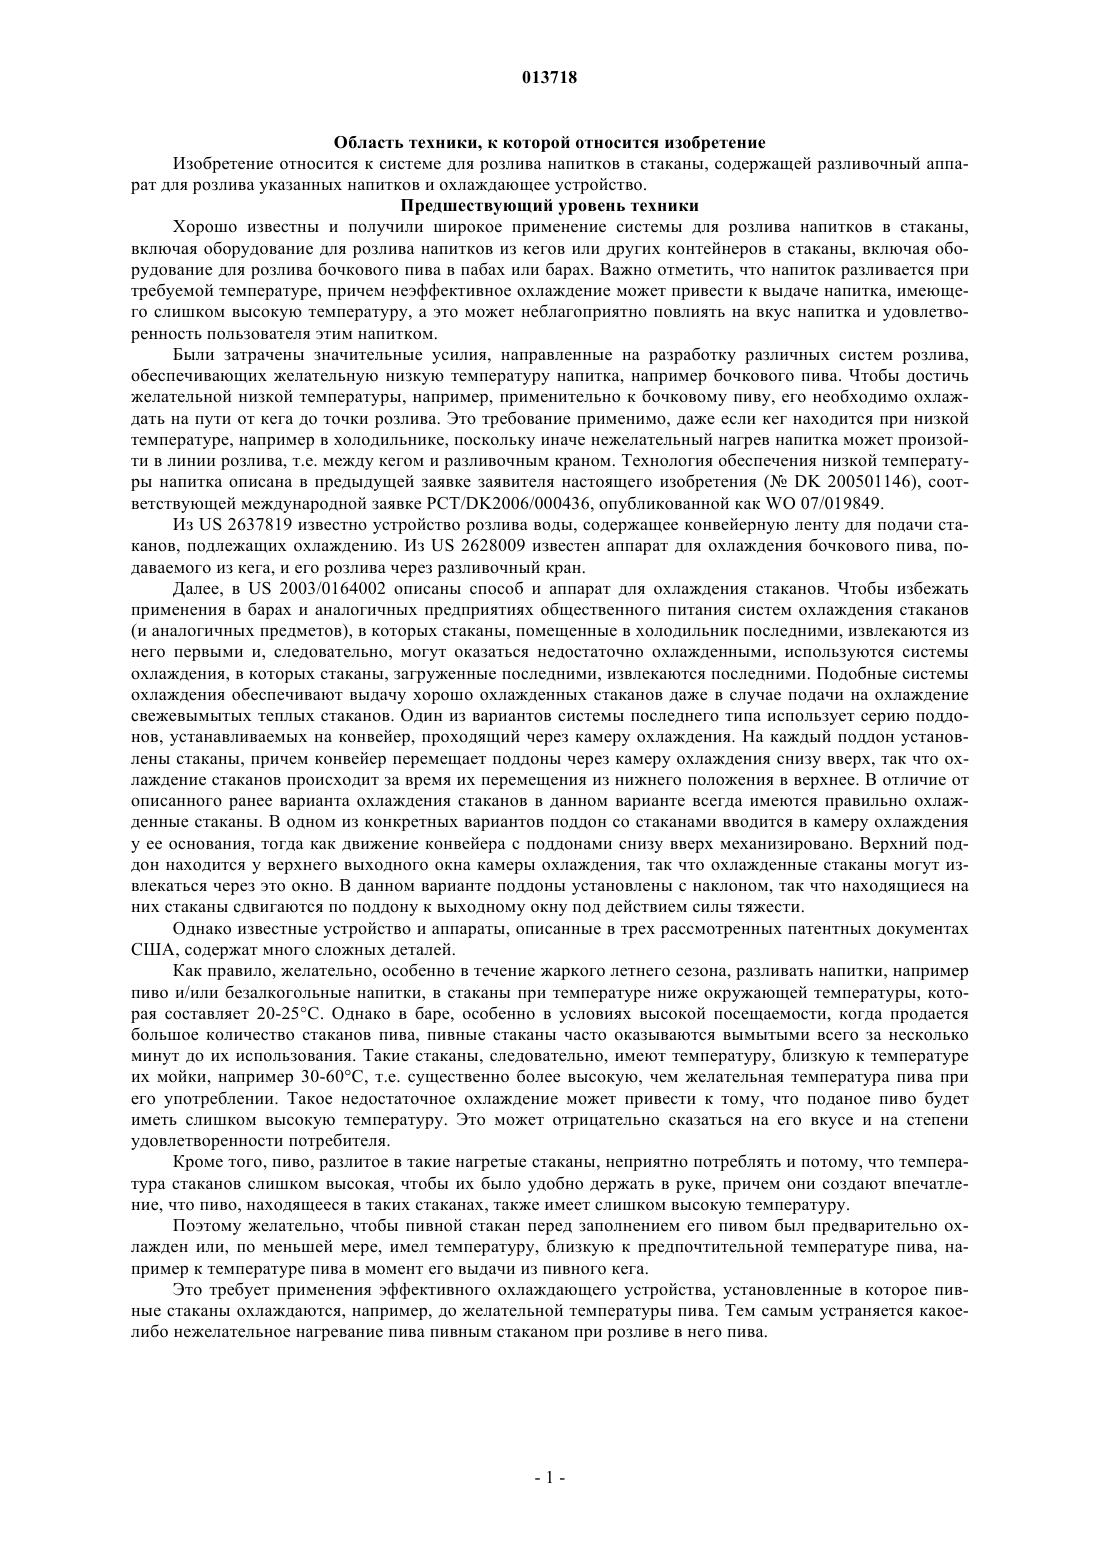 Документы для торговли пивом - советы адвокатов и юристов